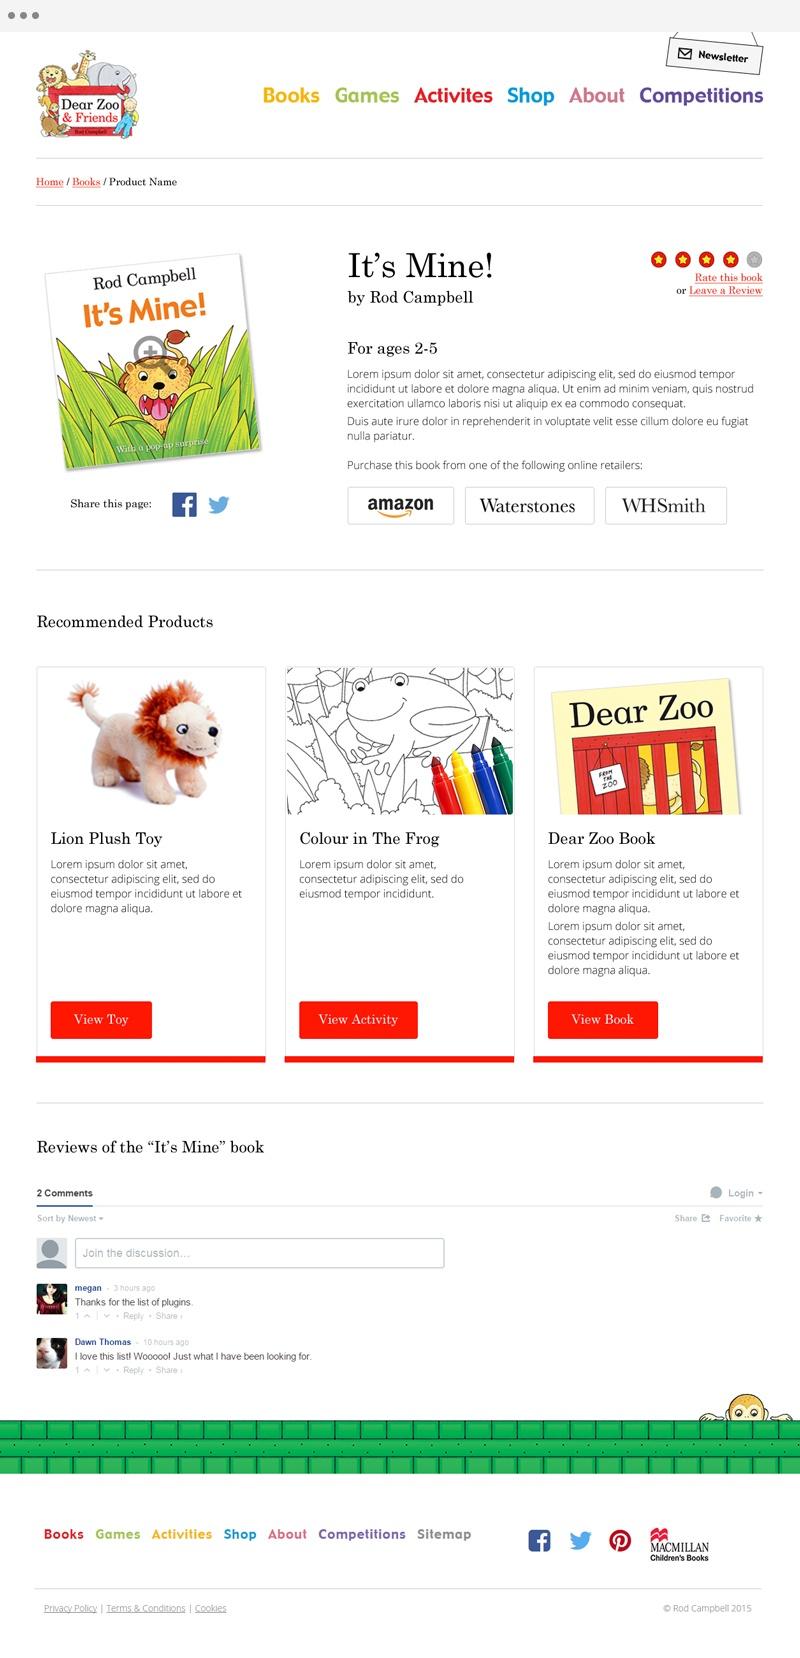 Dear Zoo - Book Detail Design